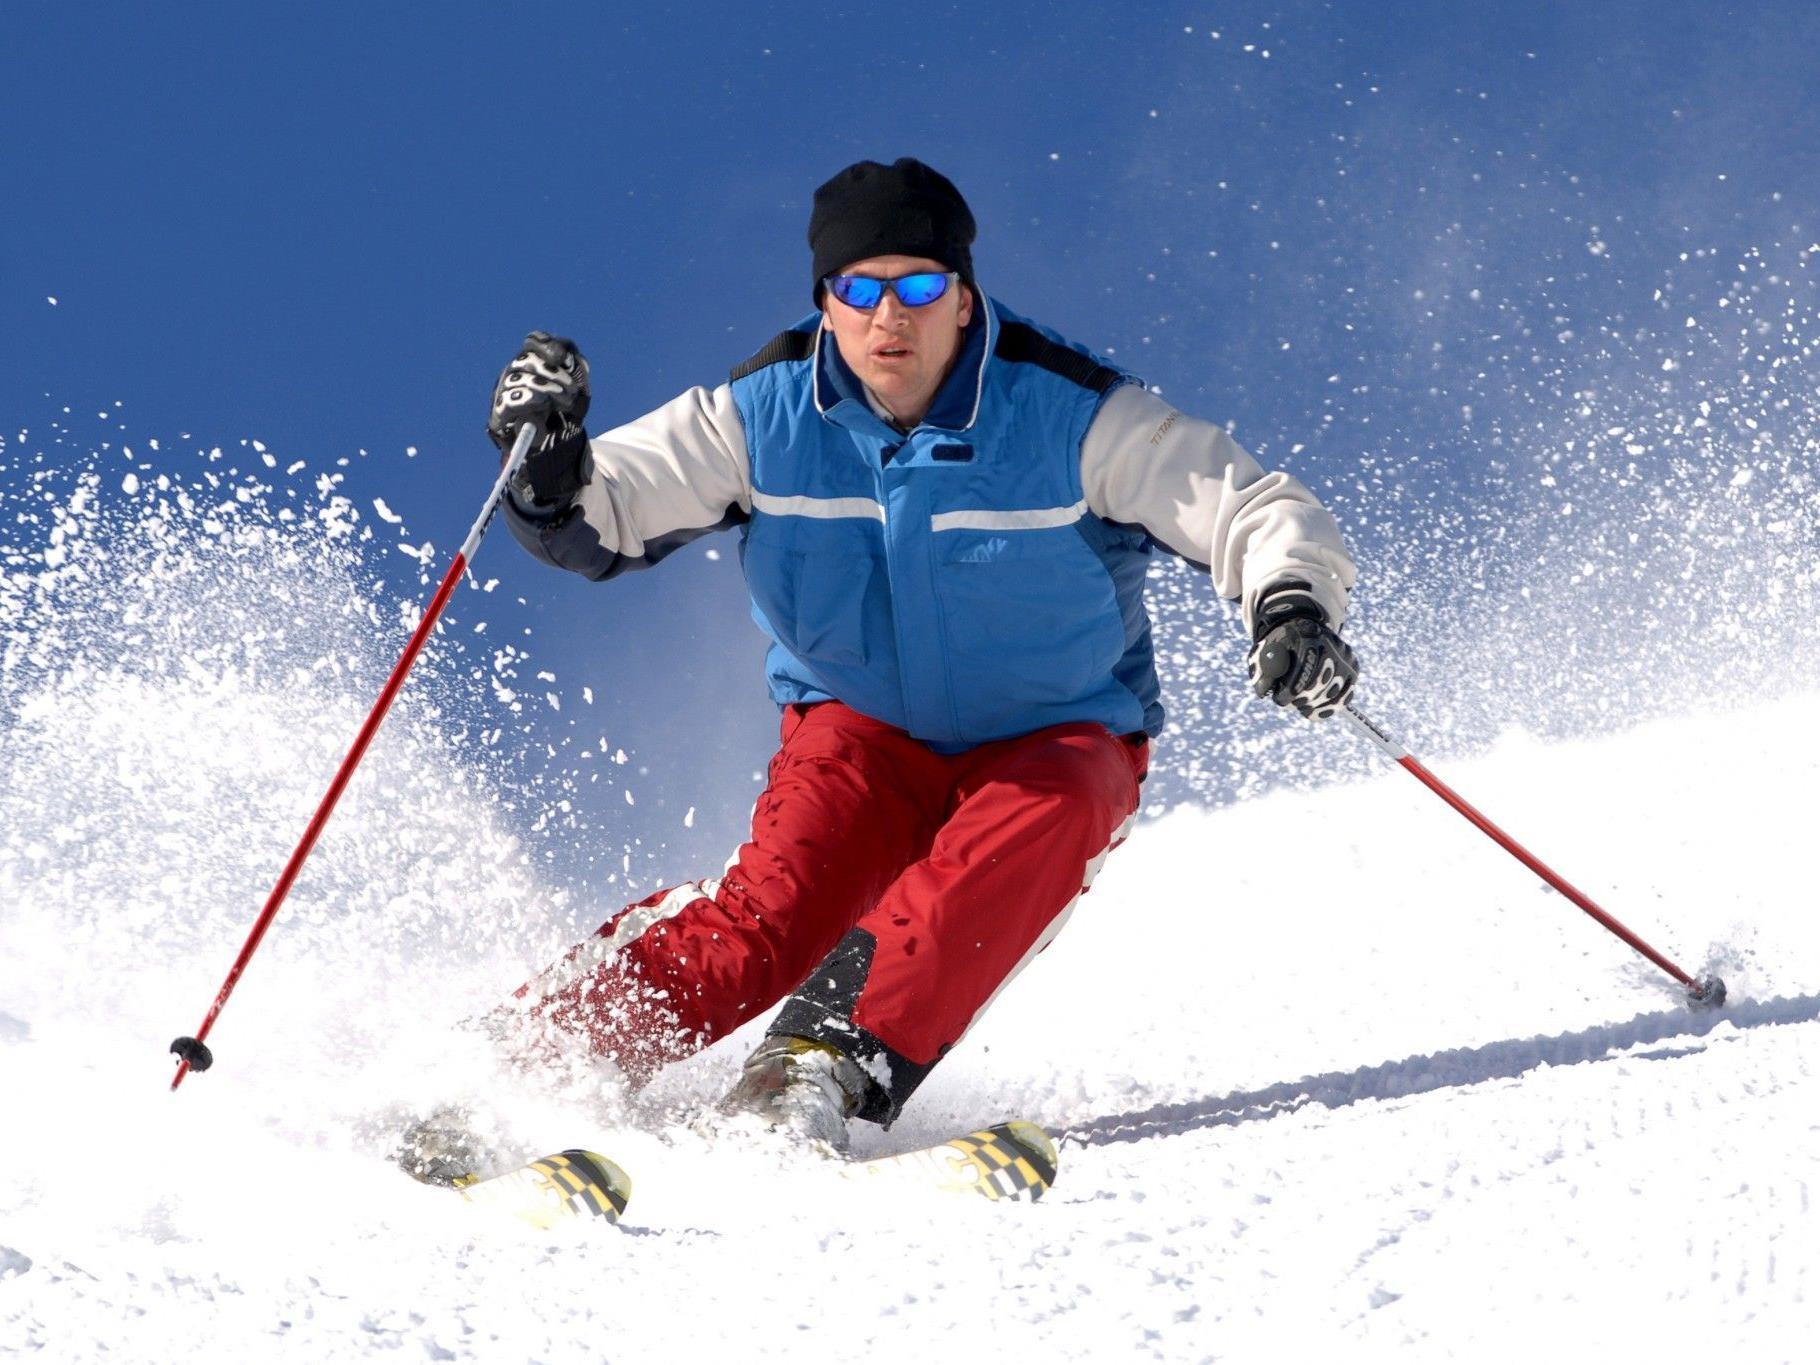 Viele Skisportler fühlten sich trotz erhöhtem Risiko noch sicher.